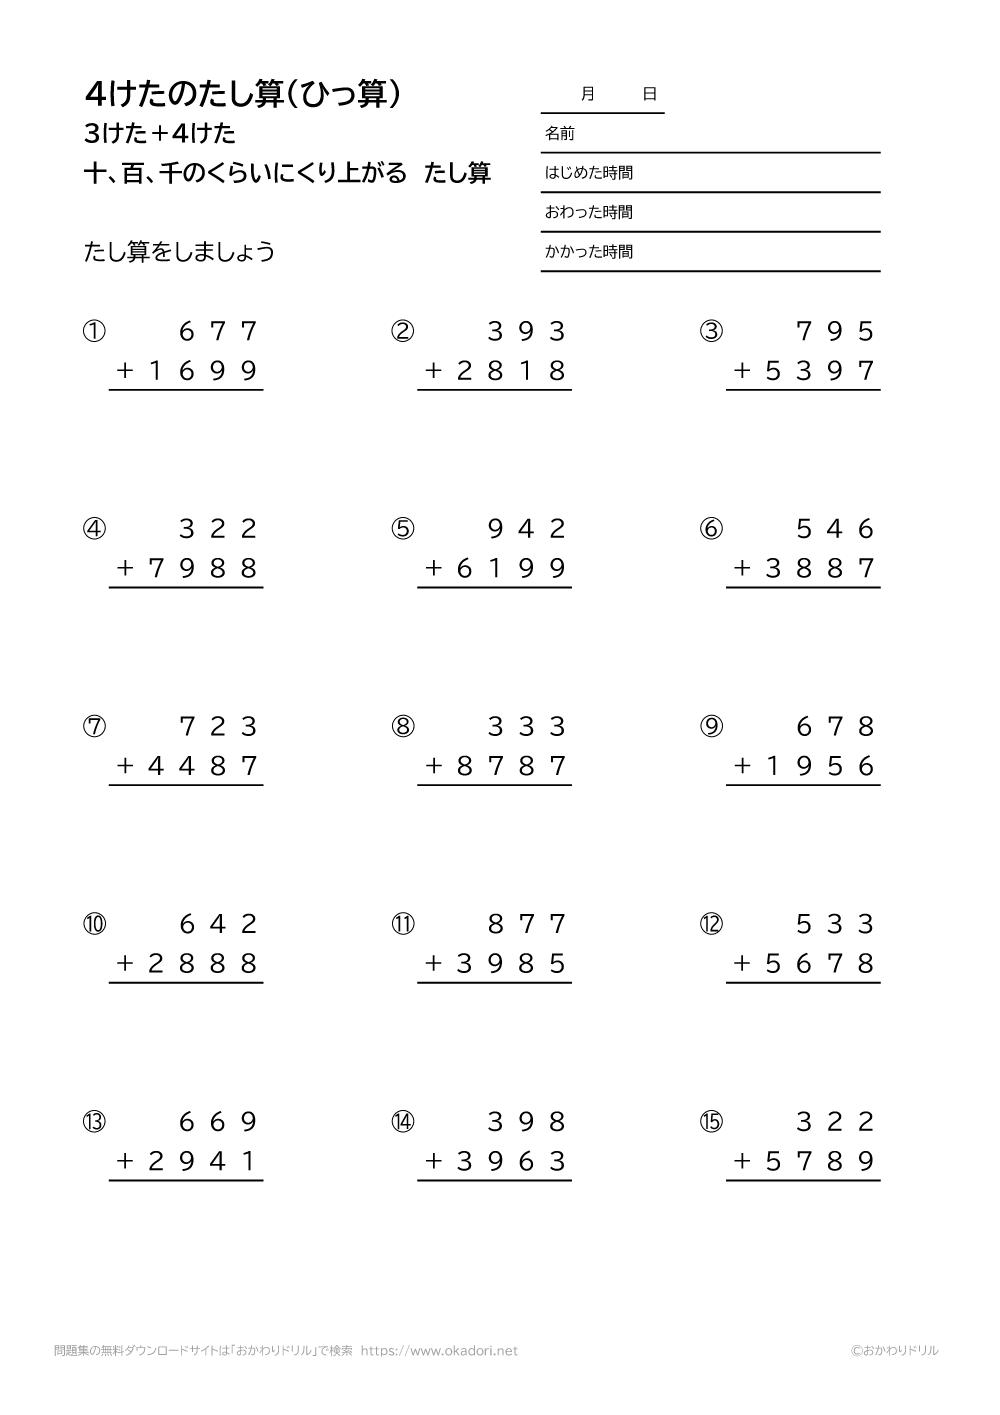 3桁+4桁の十、百、千の位に繰り上がる足し算の筆算1